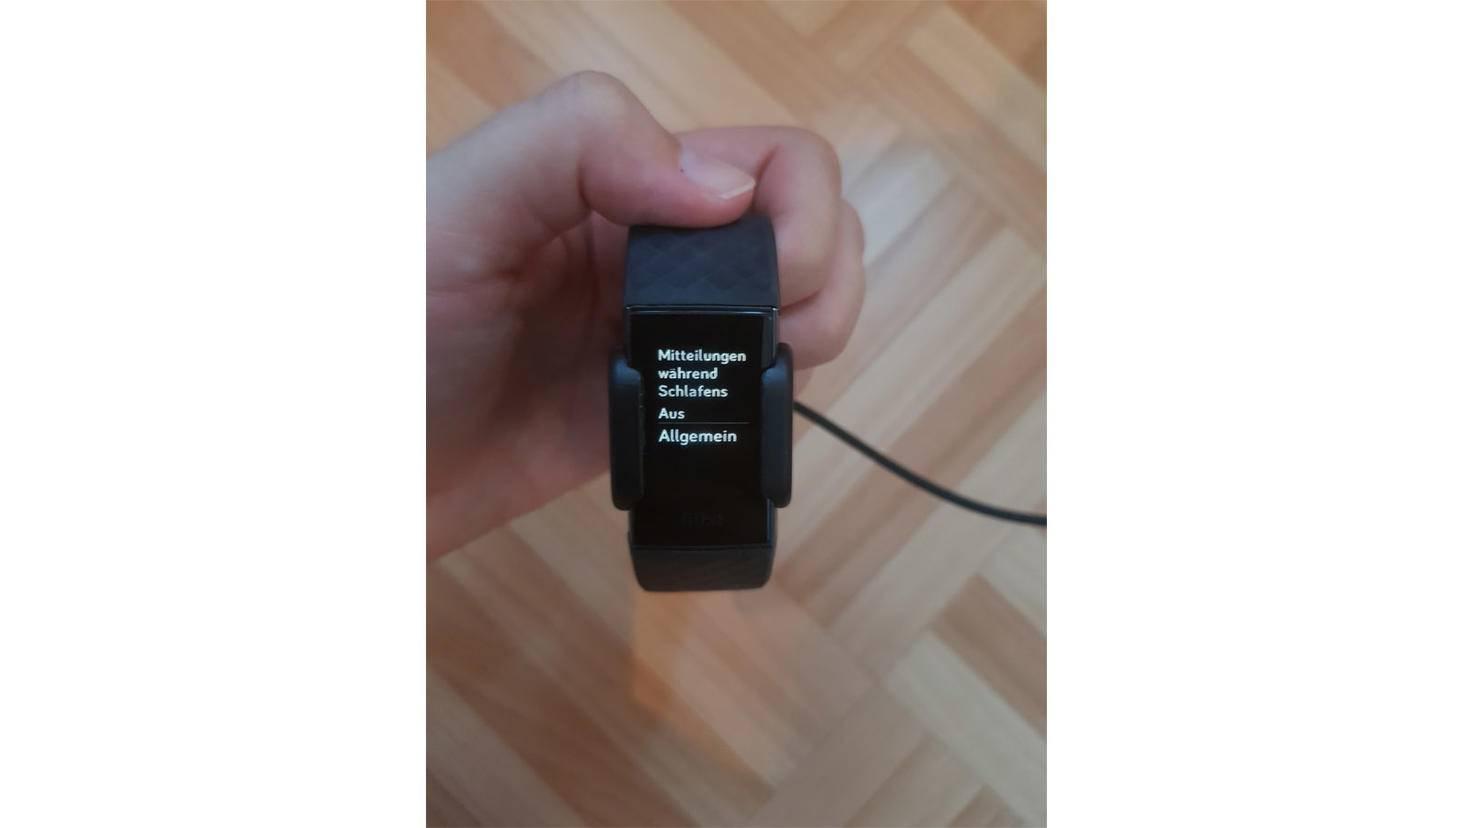 Fitbit Charge 3 Menuepunkt Allgemein